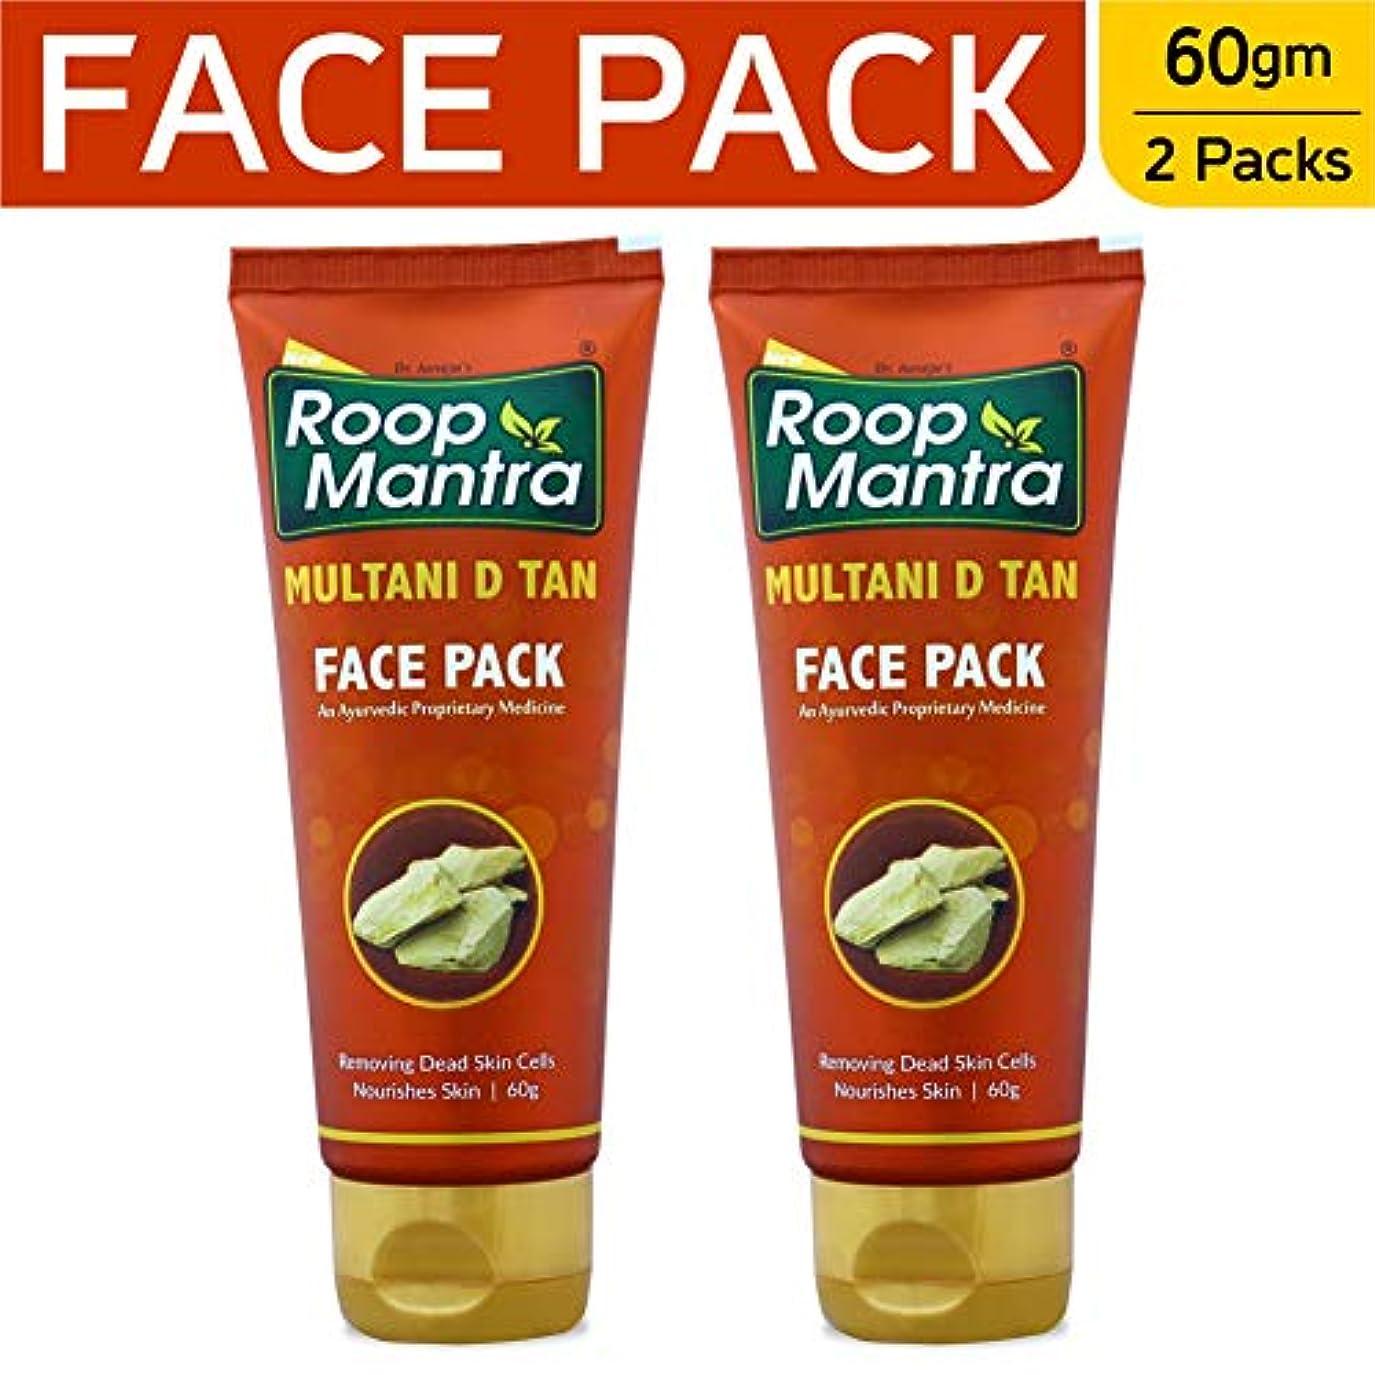 出演者温かいびっくりRoop Mantra Multani D Tan Face Pack, 60g (Pack of 2)